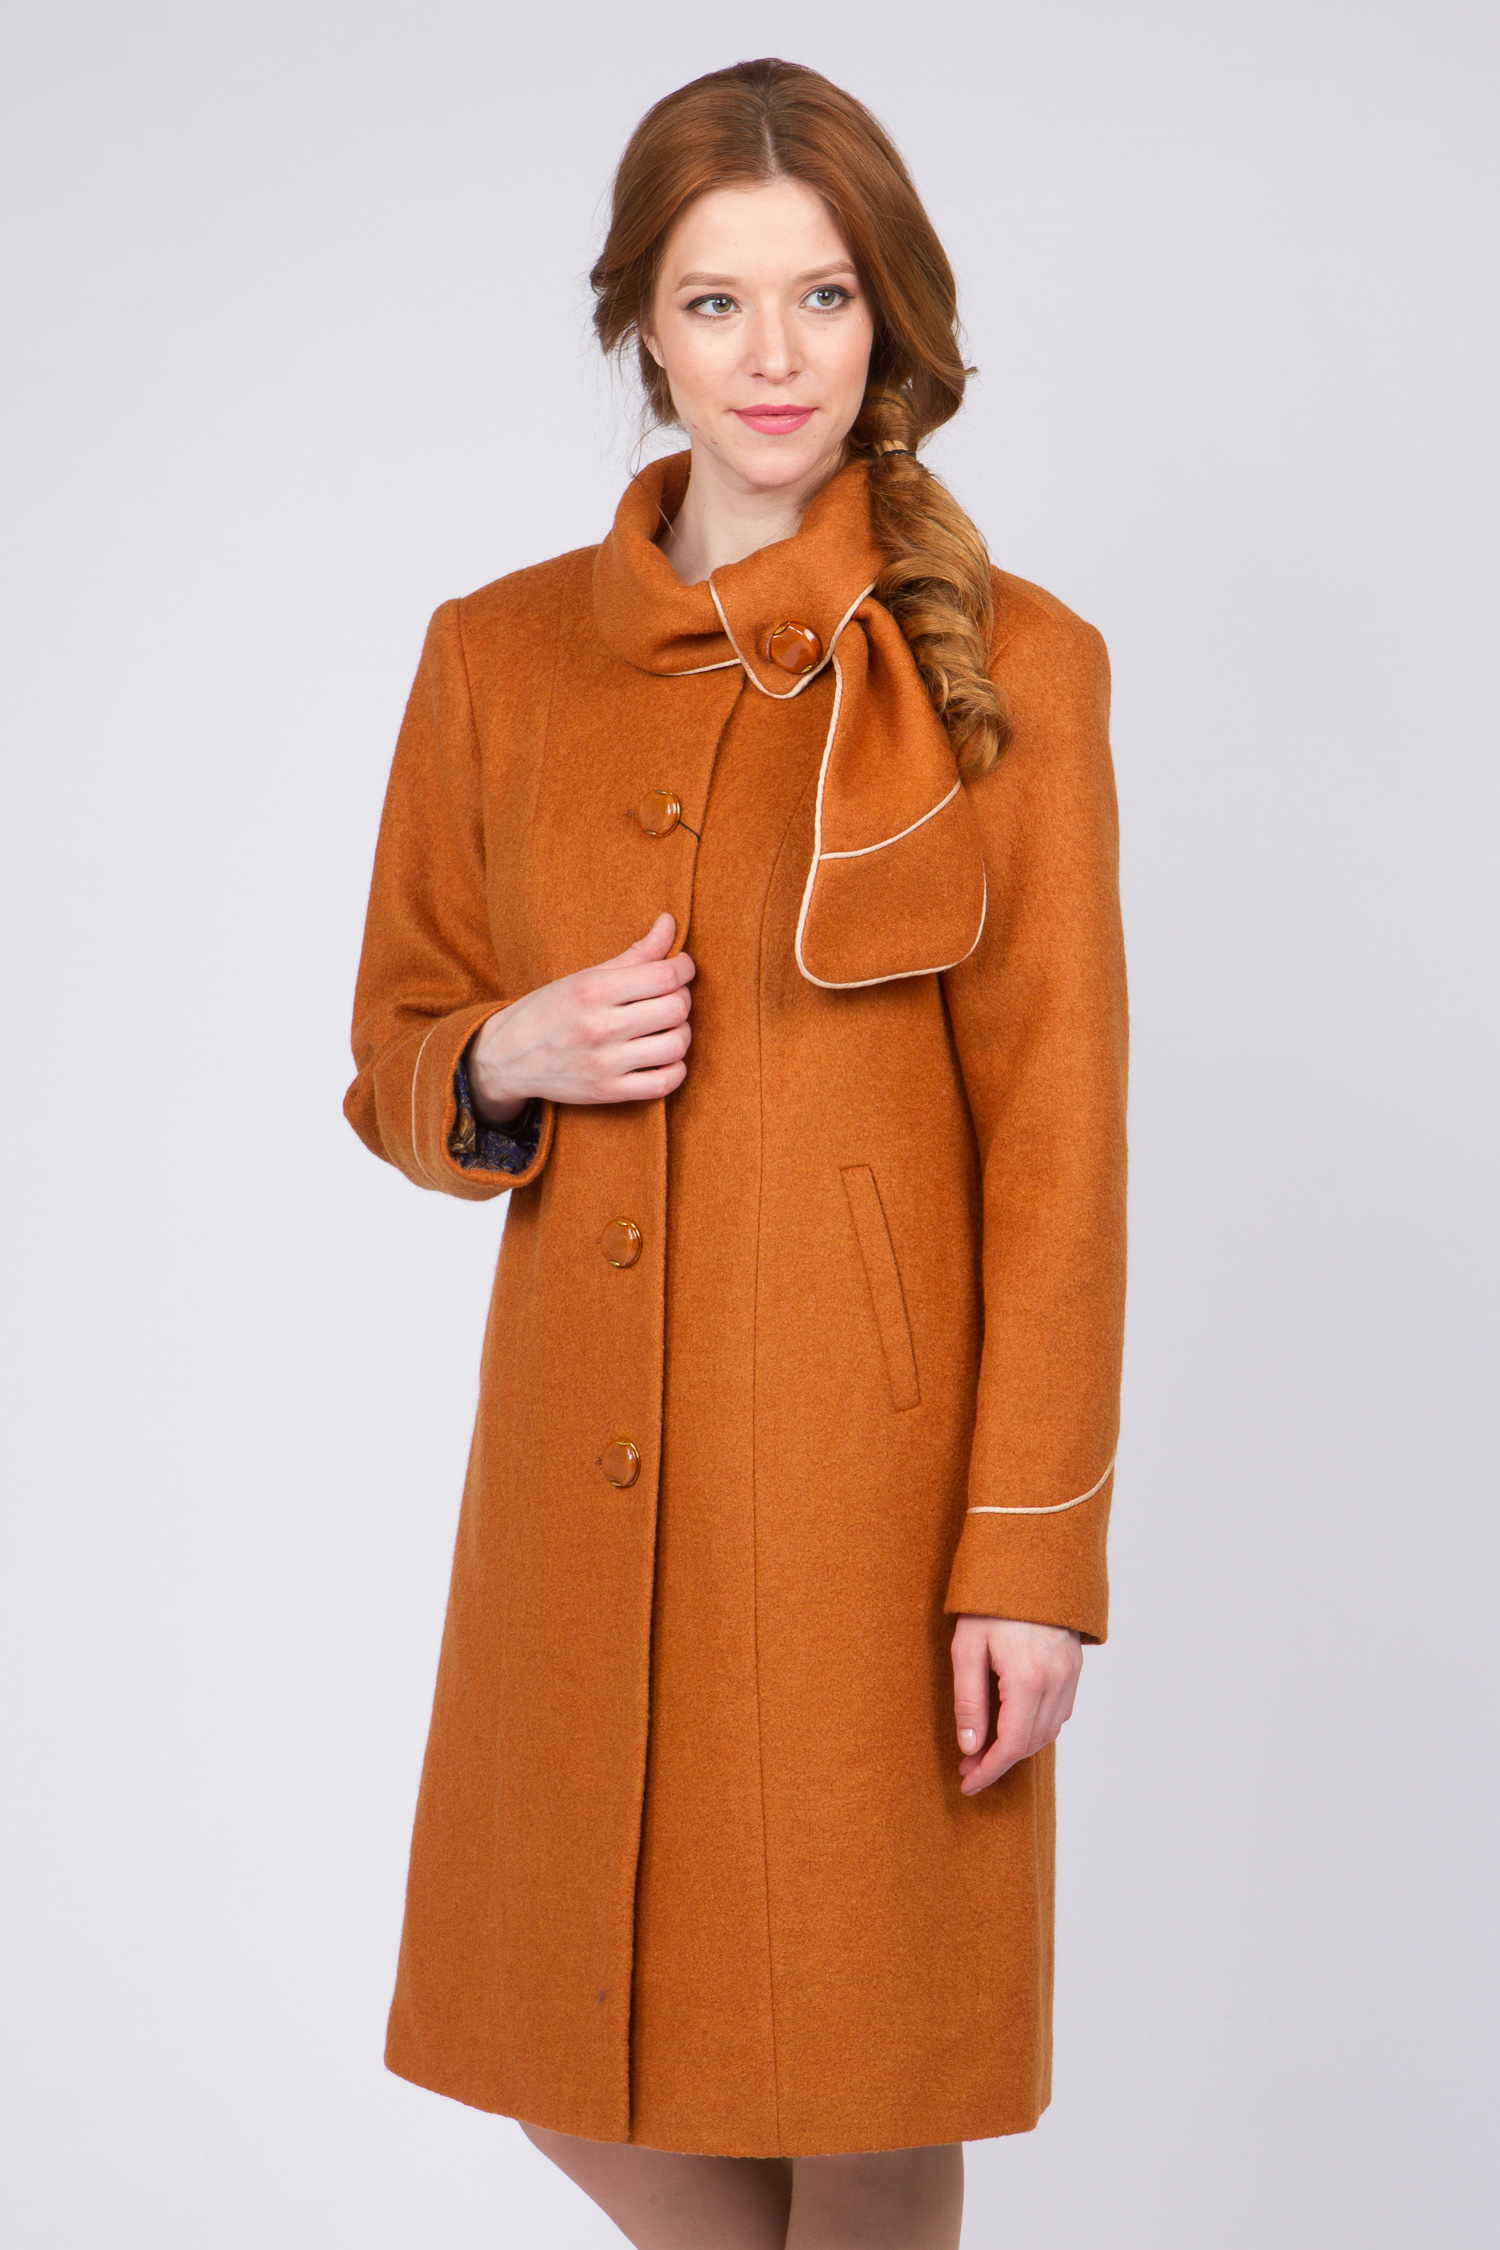 Женское пальто с воротником, без отделки<br><br>Воротник: отложной<br>Длина см: Длинная (свыше 90)<br>Материал: Комбинированный состав<br>Цвет: горчичный<br>Вид застежки: центральная<br>Застежка: на пуговицы<br>Пол: Женский<br>Размер RU: 62